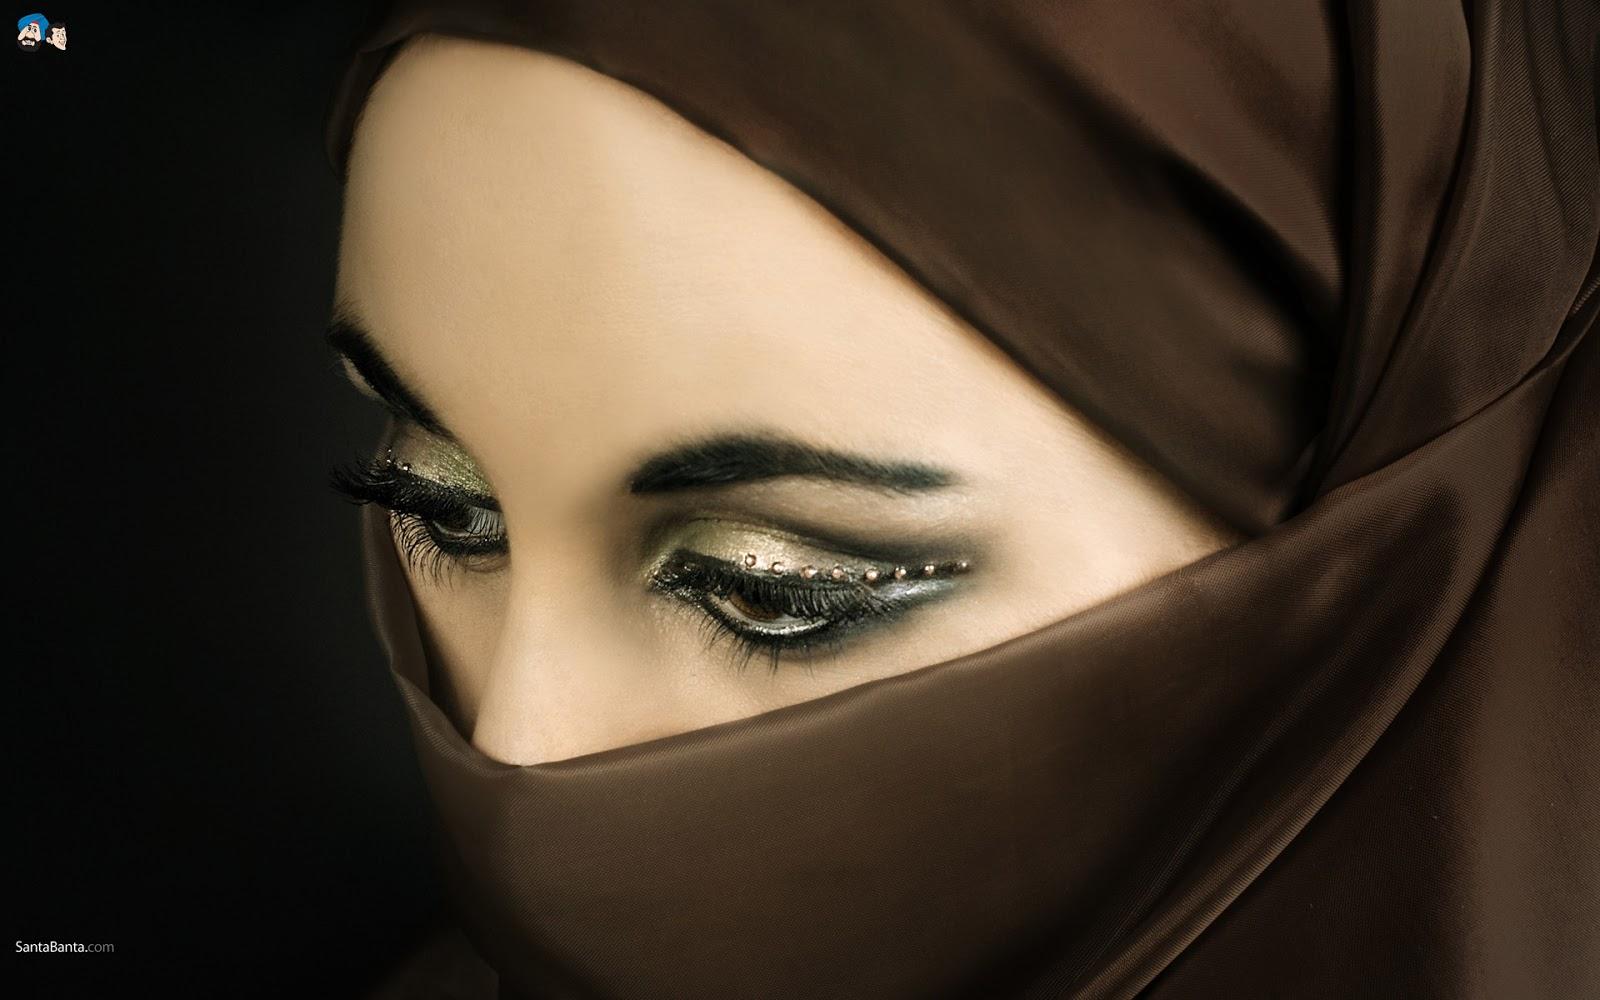 Sebuah Dunia Kecilku Wallpaper Wanita Cantik Muslimah Bercadar